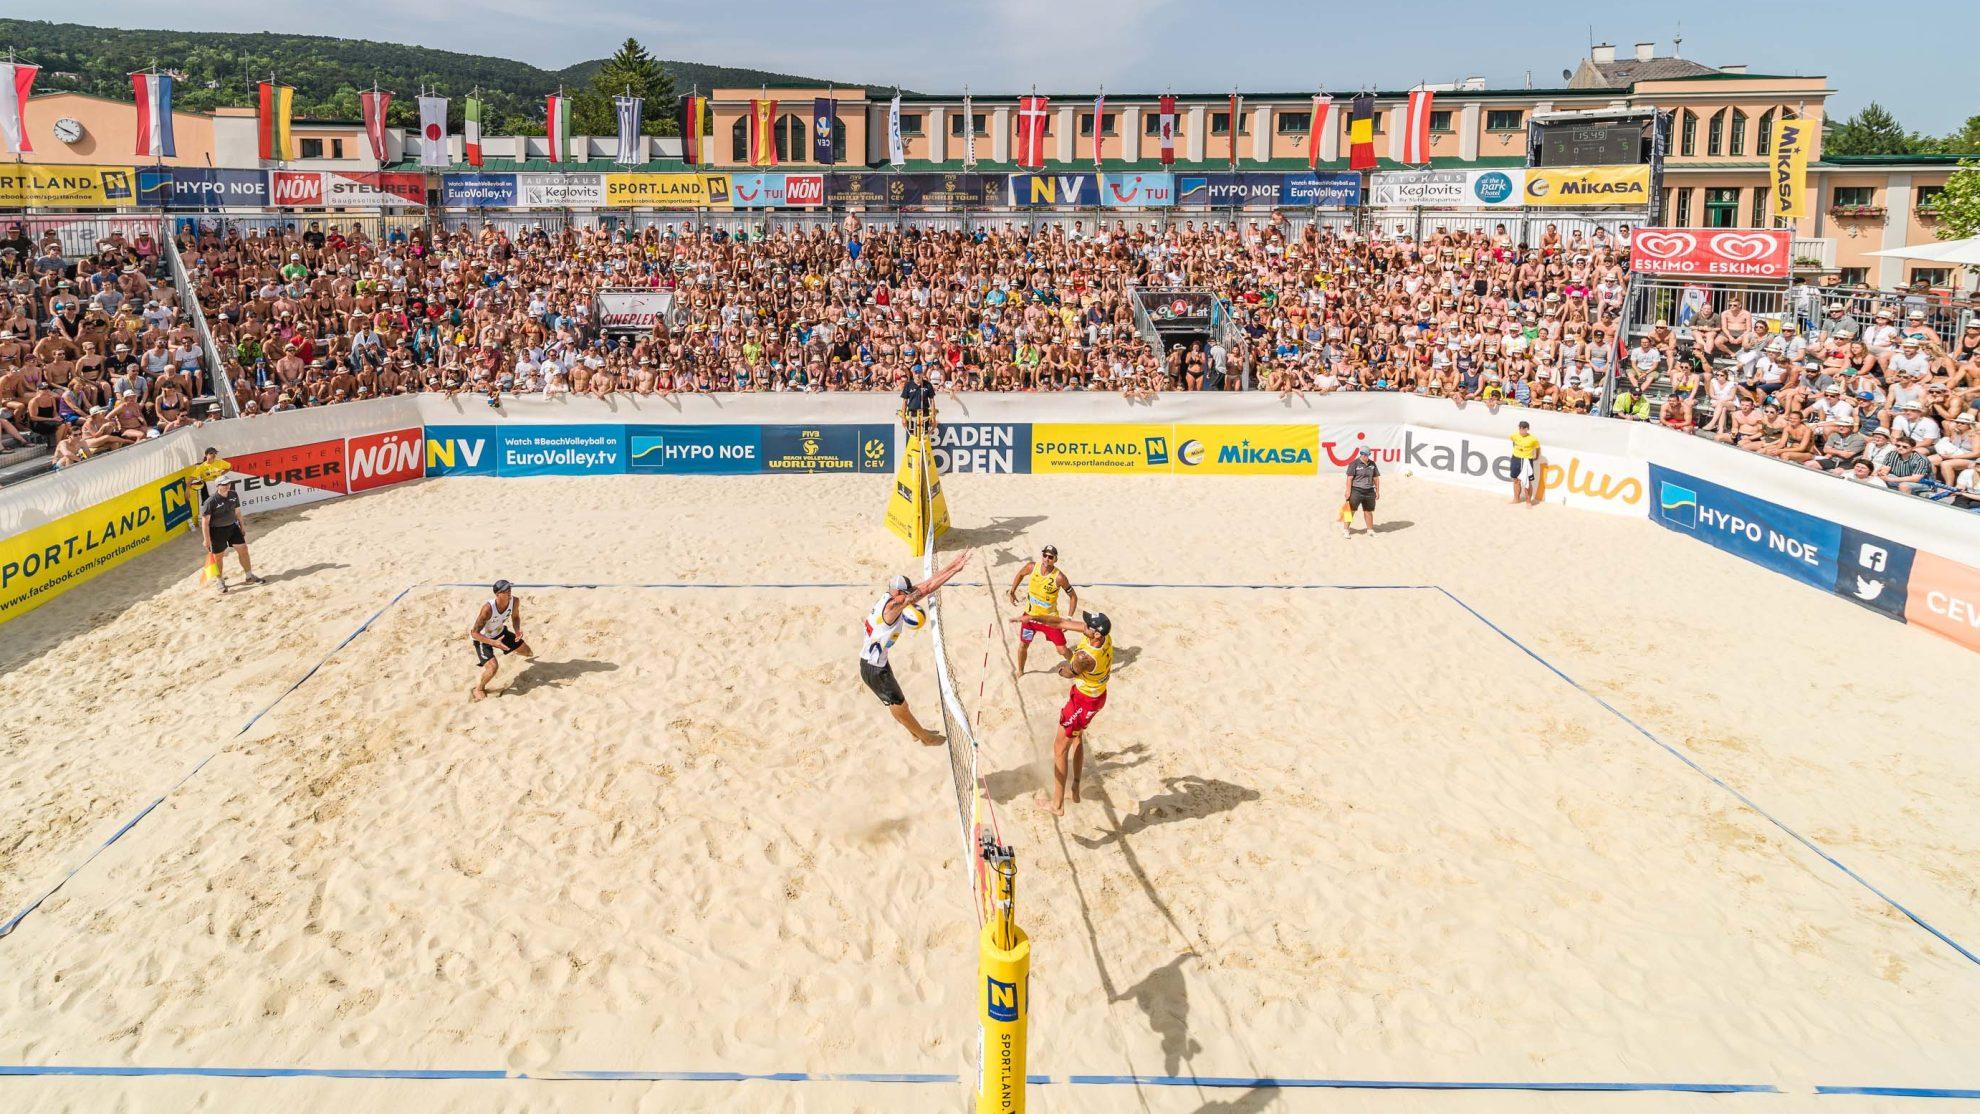 FIVB World Tour Baden Open 2019 - FOTO © Florian Schrötter